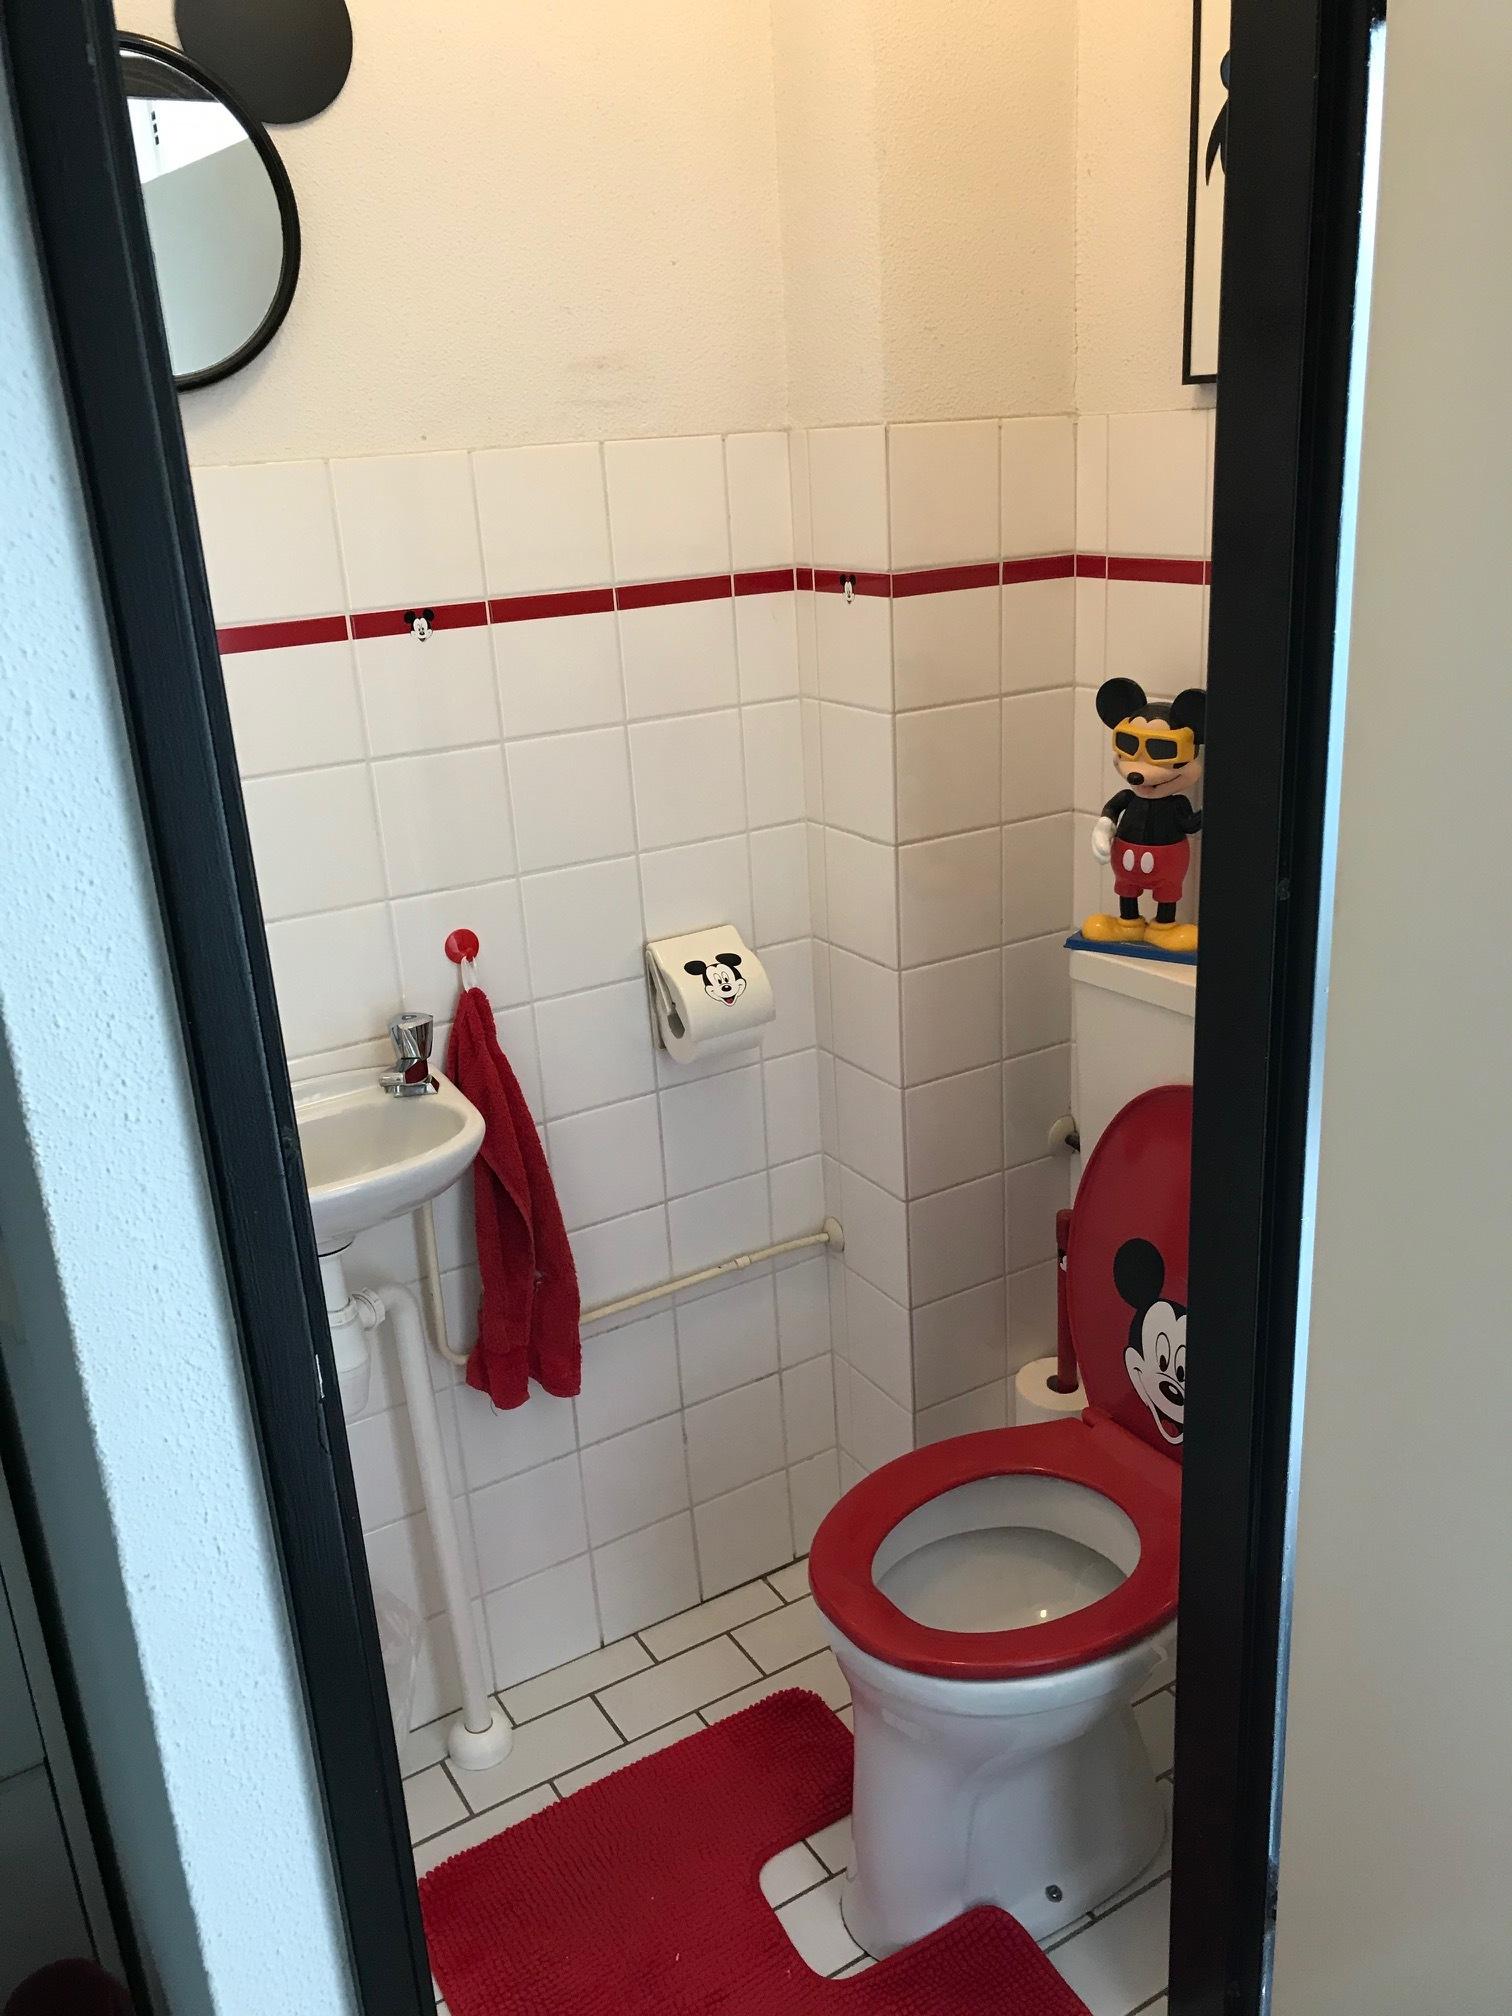 01_toilet_oud_01